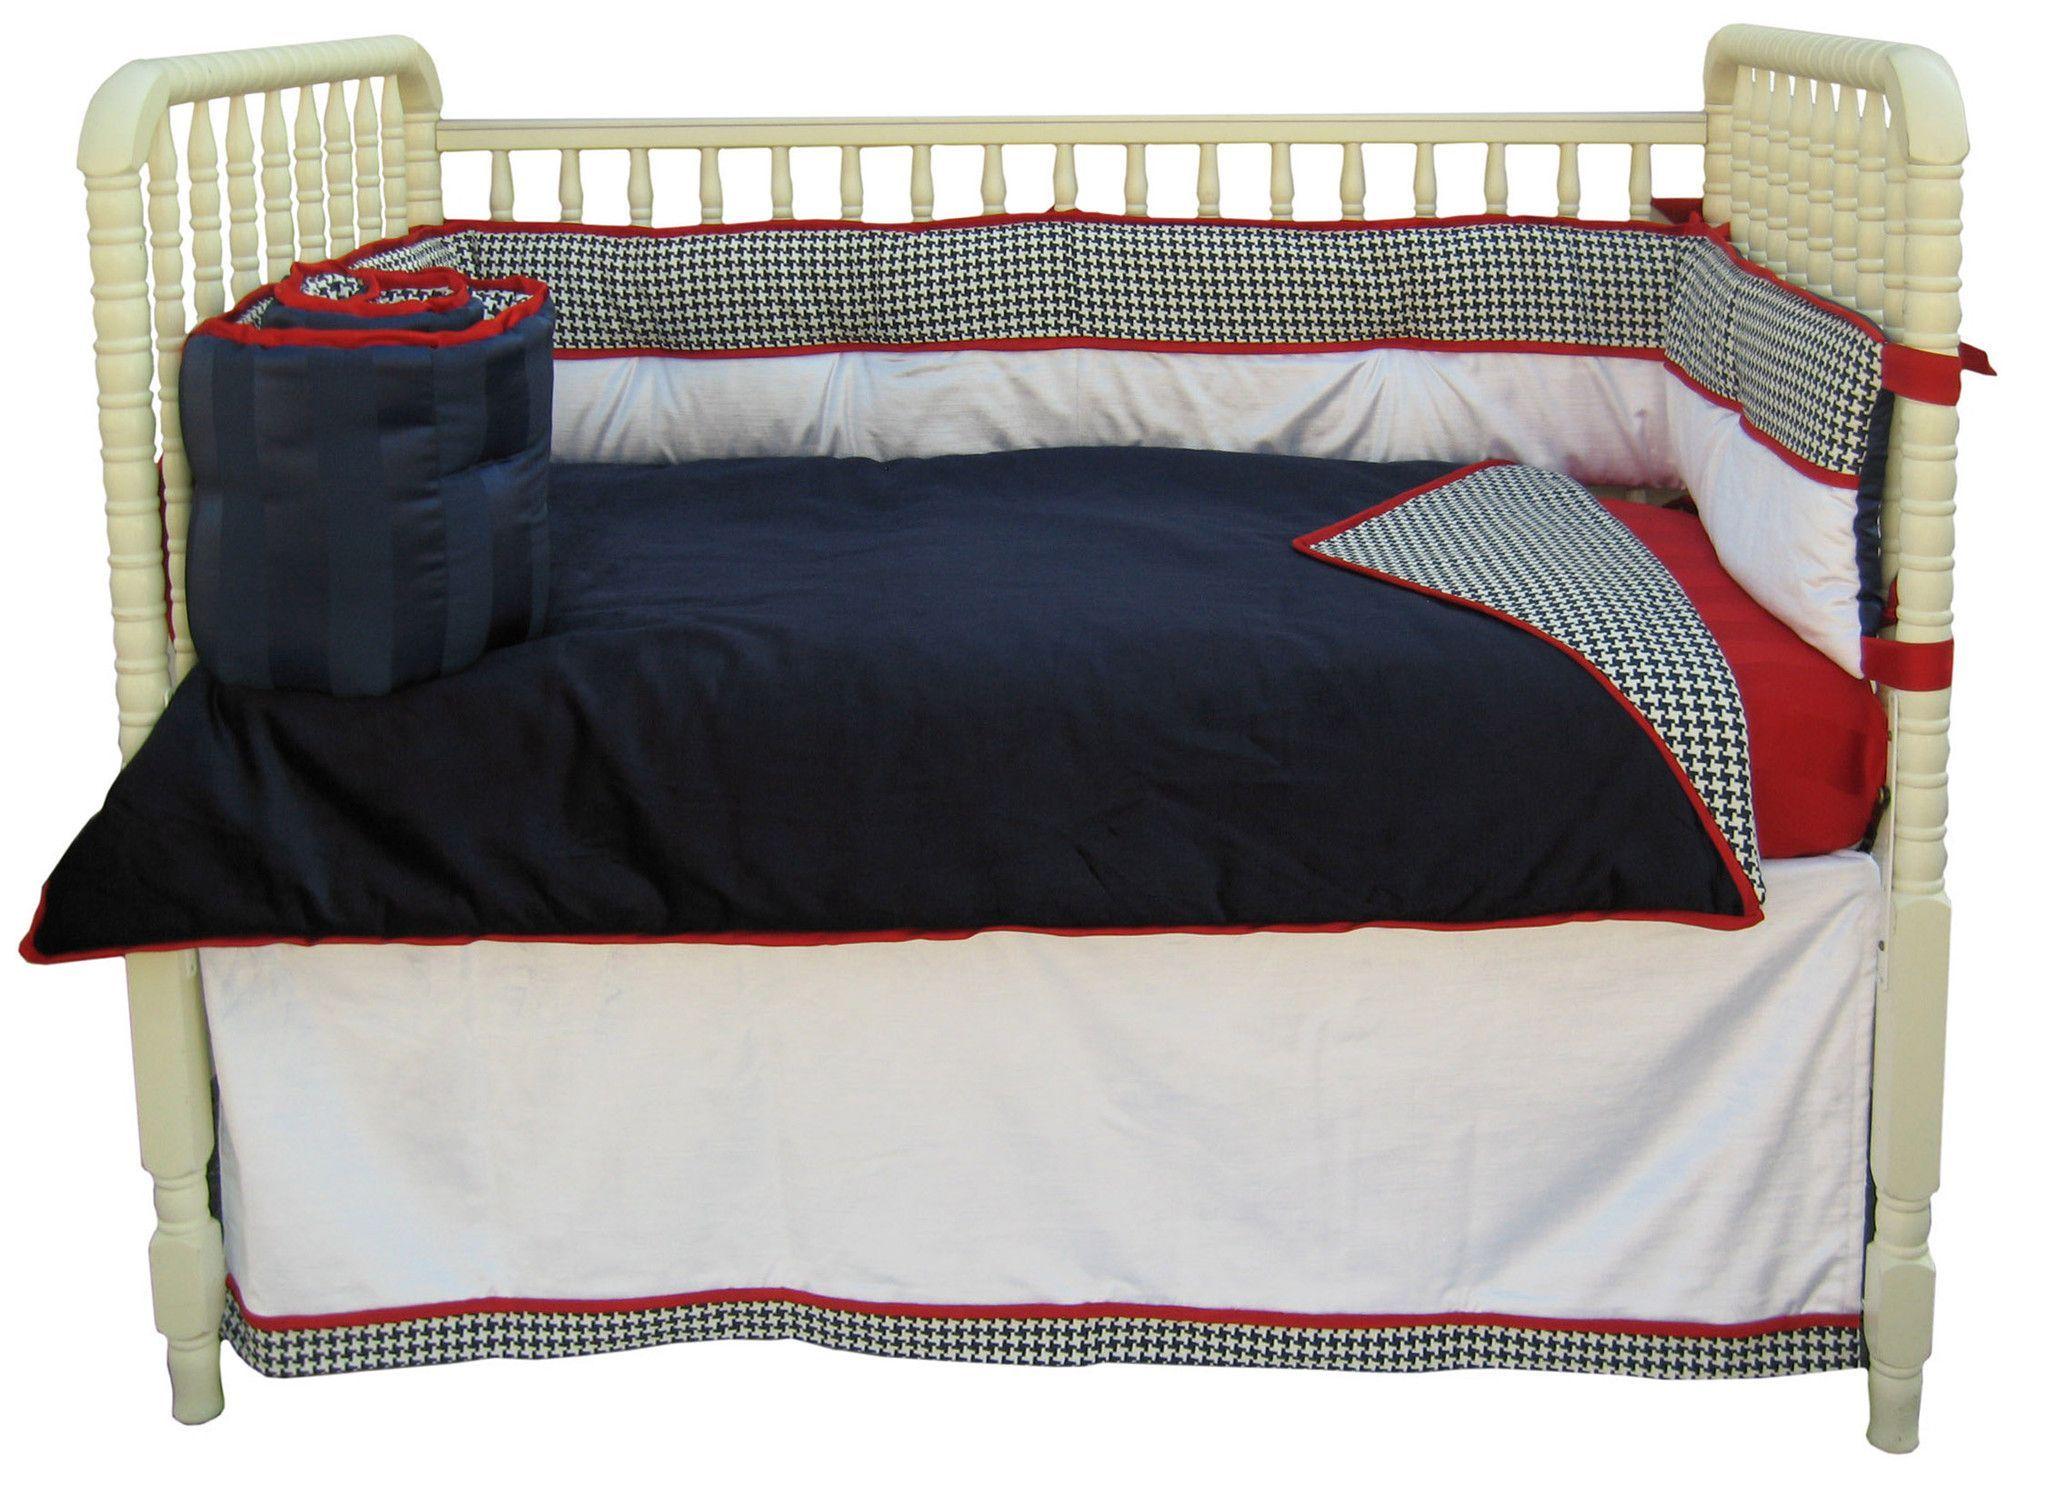 Lexington Boy's Crib Set   Crib bedding, Crib sets, Crib ...